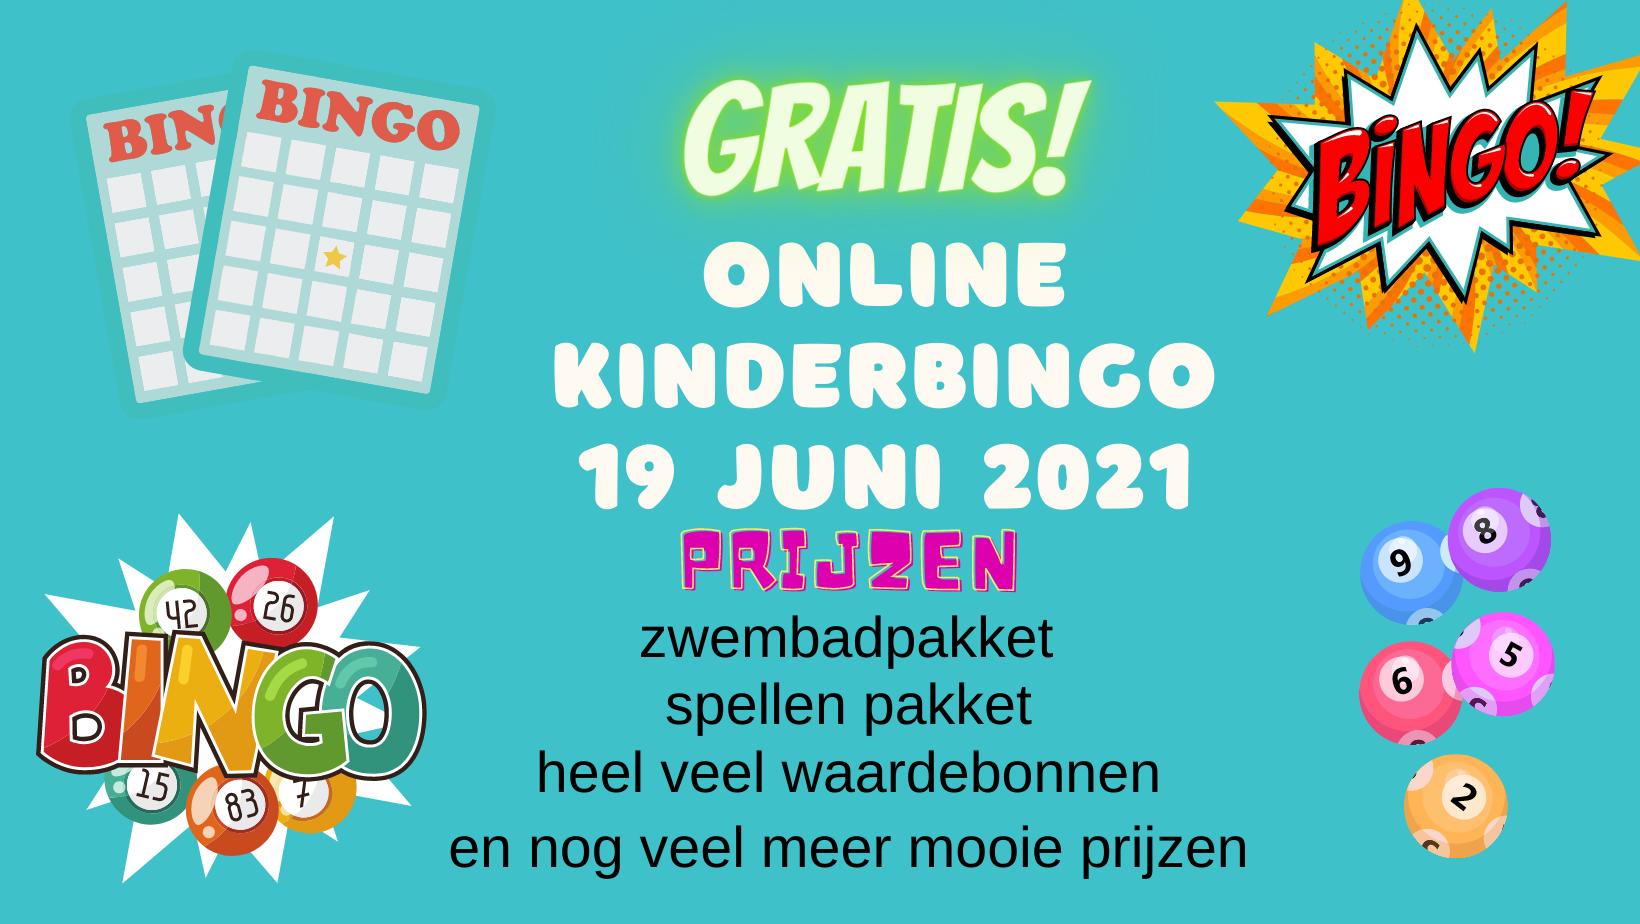 Online kinderbingo bij Tante Vroesh